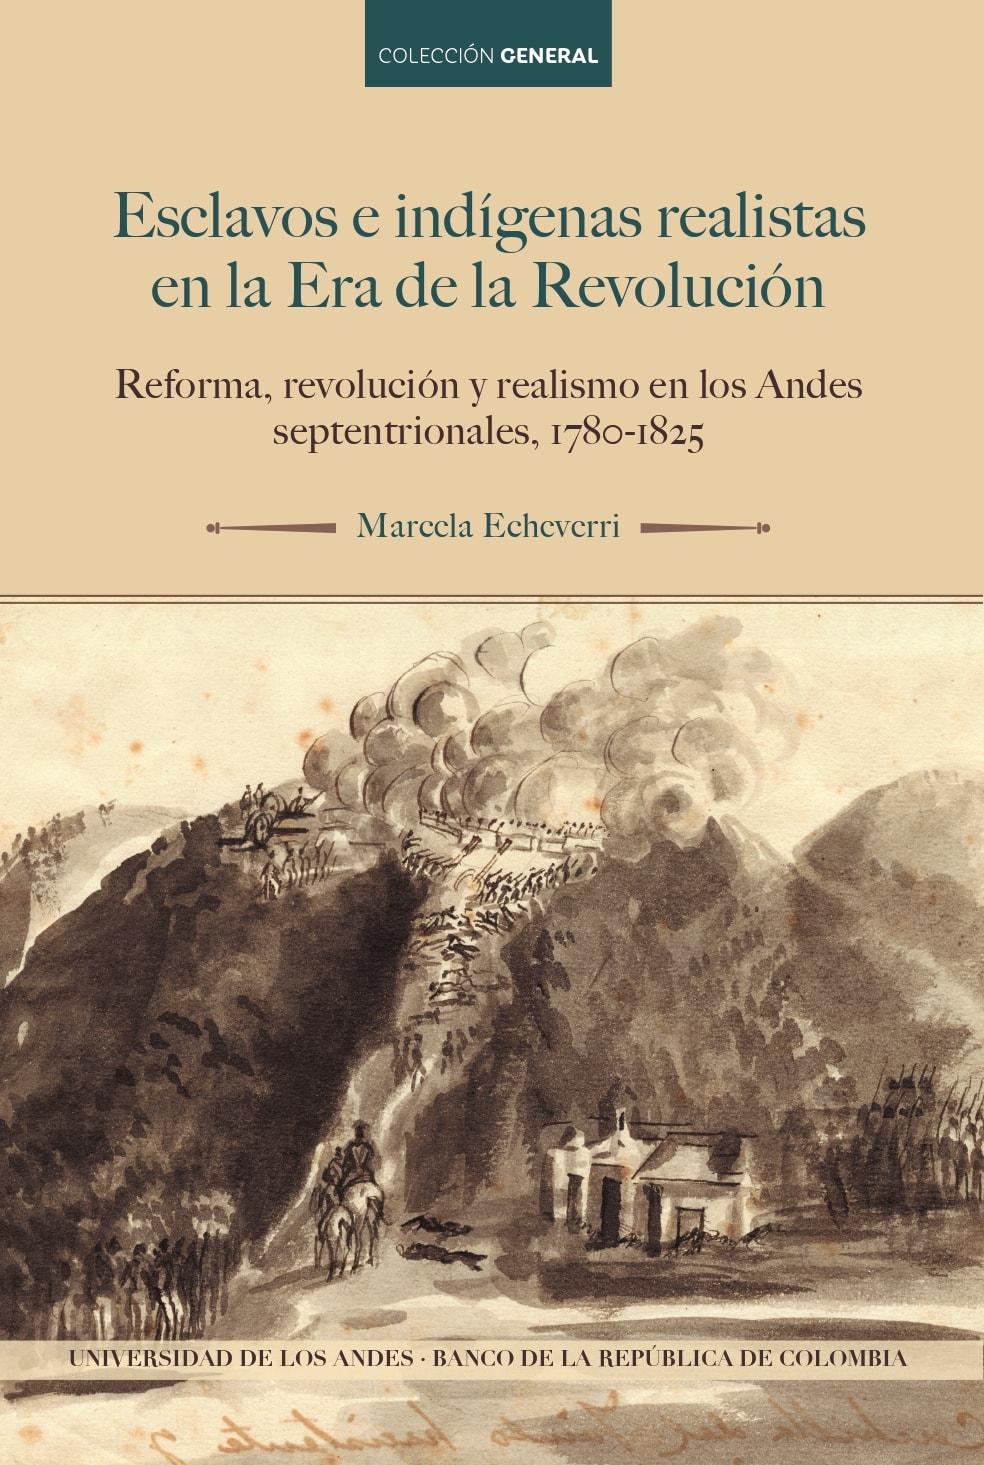 Portada del libro Esclavos e indígenas realistas en la era de la revolución